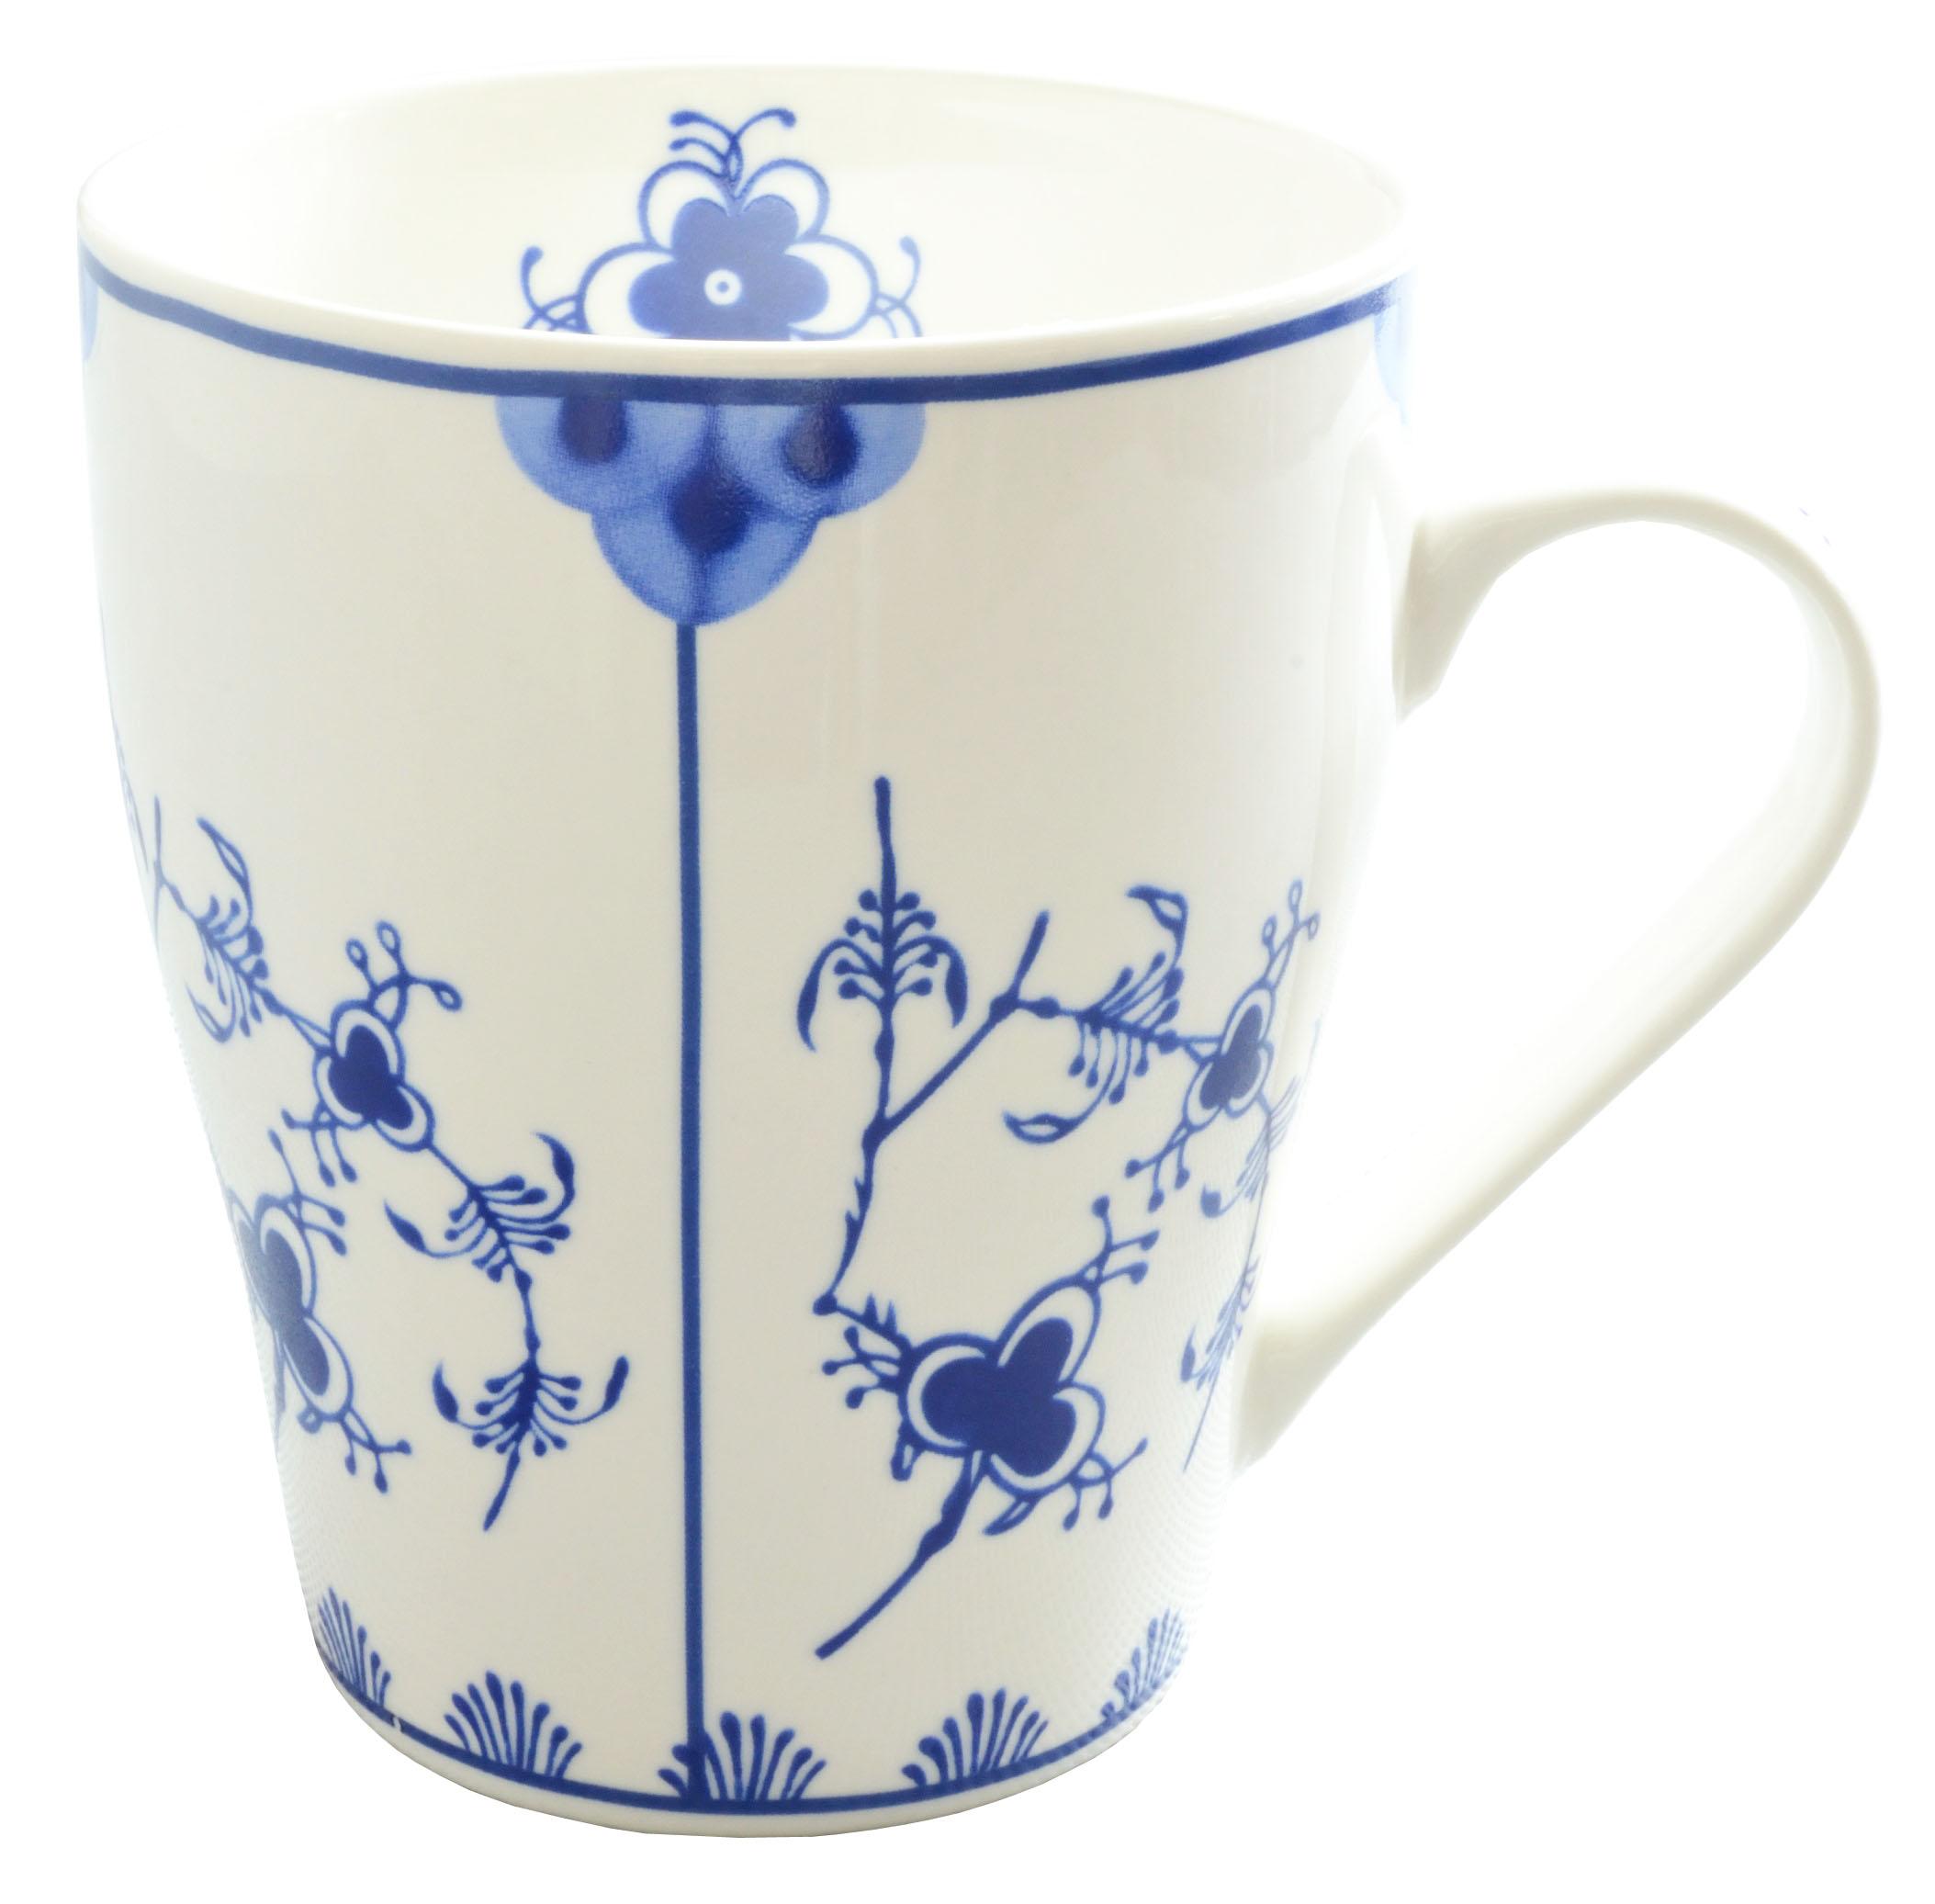 【ロイヤルアーデン】 ニューボーンチャイナマグカップ コペンブルー <br>No.37501